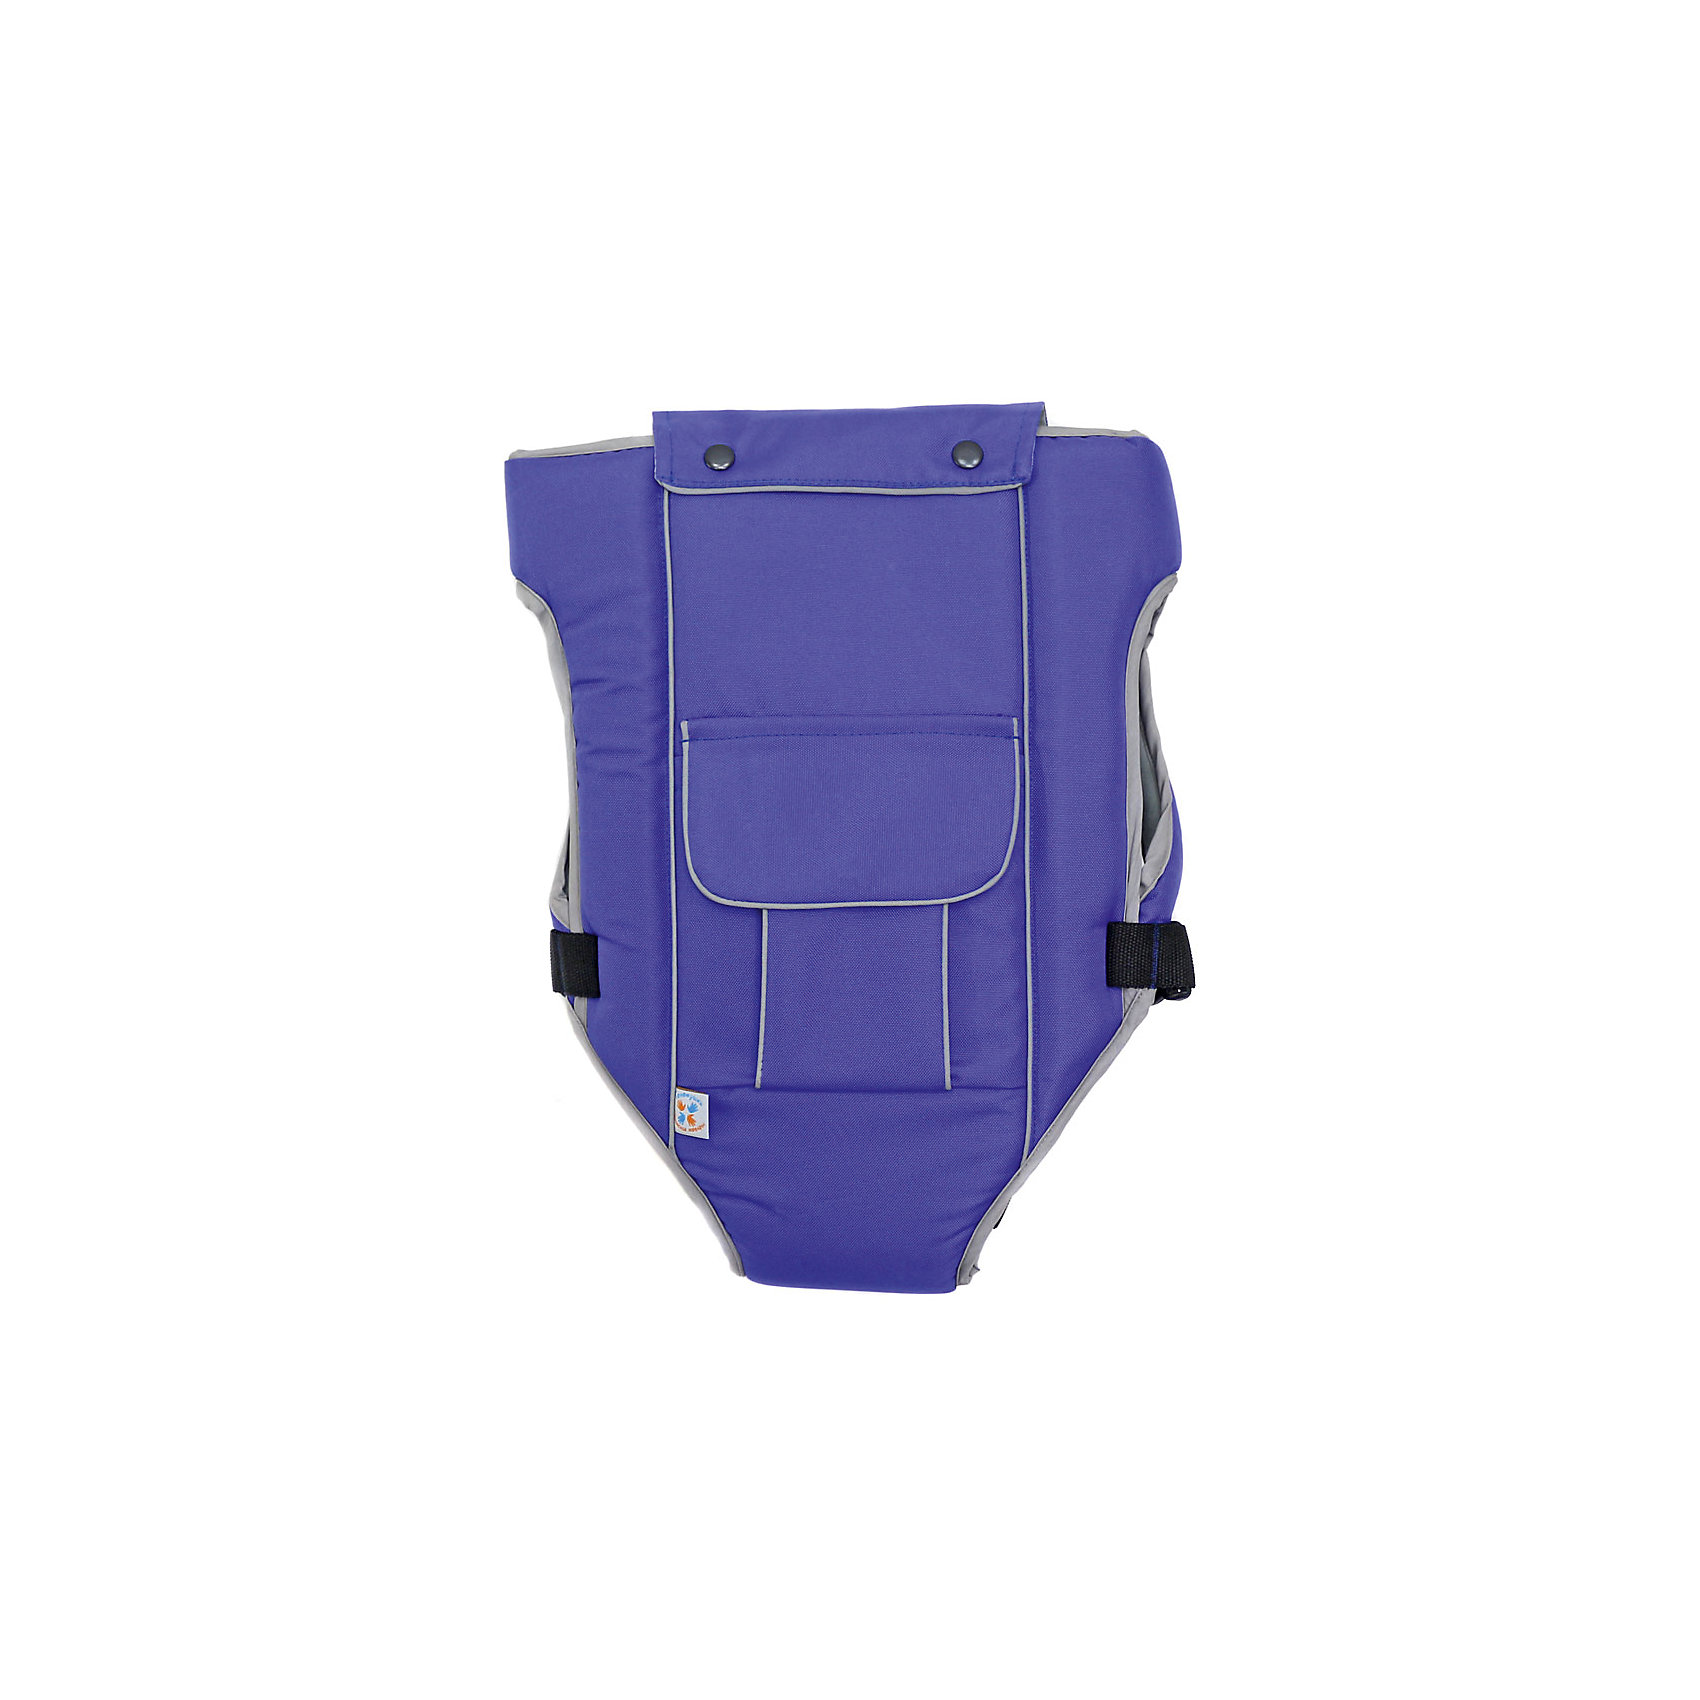 Рюкзак-кенгуру Универсал, Топотушки, фиолетовыйСлинги и рюкзаки-переноски<br>Рюкзак-кенгуру Универсал, Топотушки, фиолетовый<br><br>Характеристики:<br><br>-Возраст: от 2 до 12 месяцев<br>-Вес: от 3 до 11 кг<br>-Цвет: фиолетовый<br>-Материал: текстиль<br>-Расположение ребёнка: лицом к родителю, спиной к родителю<br>-Фиксация: пряжки и фиксаторы<br>-Мягкие плечевые ремни<br>-Капюшон <br>-Карман для различных предметов<br><br>Рюкзак-кенгуру Универсал, Топотушки, фиолетовый- это безопасный и удобный вариант переноски вашего малыша. Жесткая спинка зафиксирует спинку малыша, что предотвратит боли и дискомфорт в спине. Также рюкзак-кенгуру удобен для родителя. Он имеет мягкие вставки на плечевых ремнях, поэтому ремни не будут натирать кожу. Родитель может сам выбрать расположение малыша( лицом или спиной к себе). Регулируемые ремни позволят зафиксировать малыша, опираясь на фигуру родителя. <br><br>Рюкзак-кенгуру Универсал, Топотушки, фиолетовый можно приобрести в нашем интернет-магазине.<br><br>Ширина мм: 400<br>Глубина мм: 260<br>Высота мм: 10<br>Вес г: 300<br>Возраст от месяцев: 3<br>Возраст до месяцев: 12<br>Пол: Унисекс<br>Возраст: Детский<br>SKU: 5086327